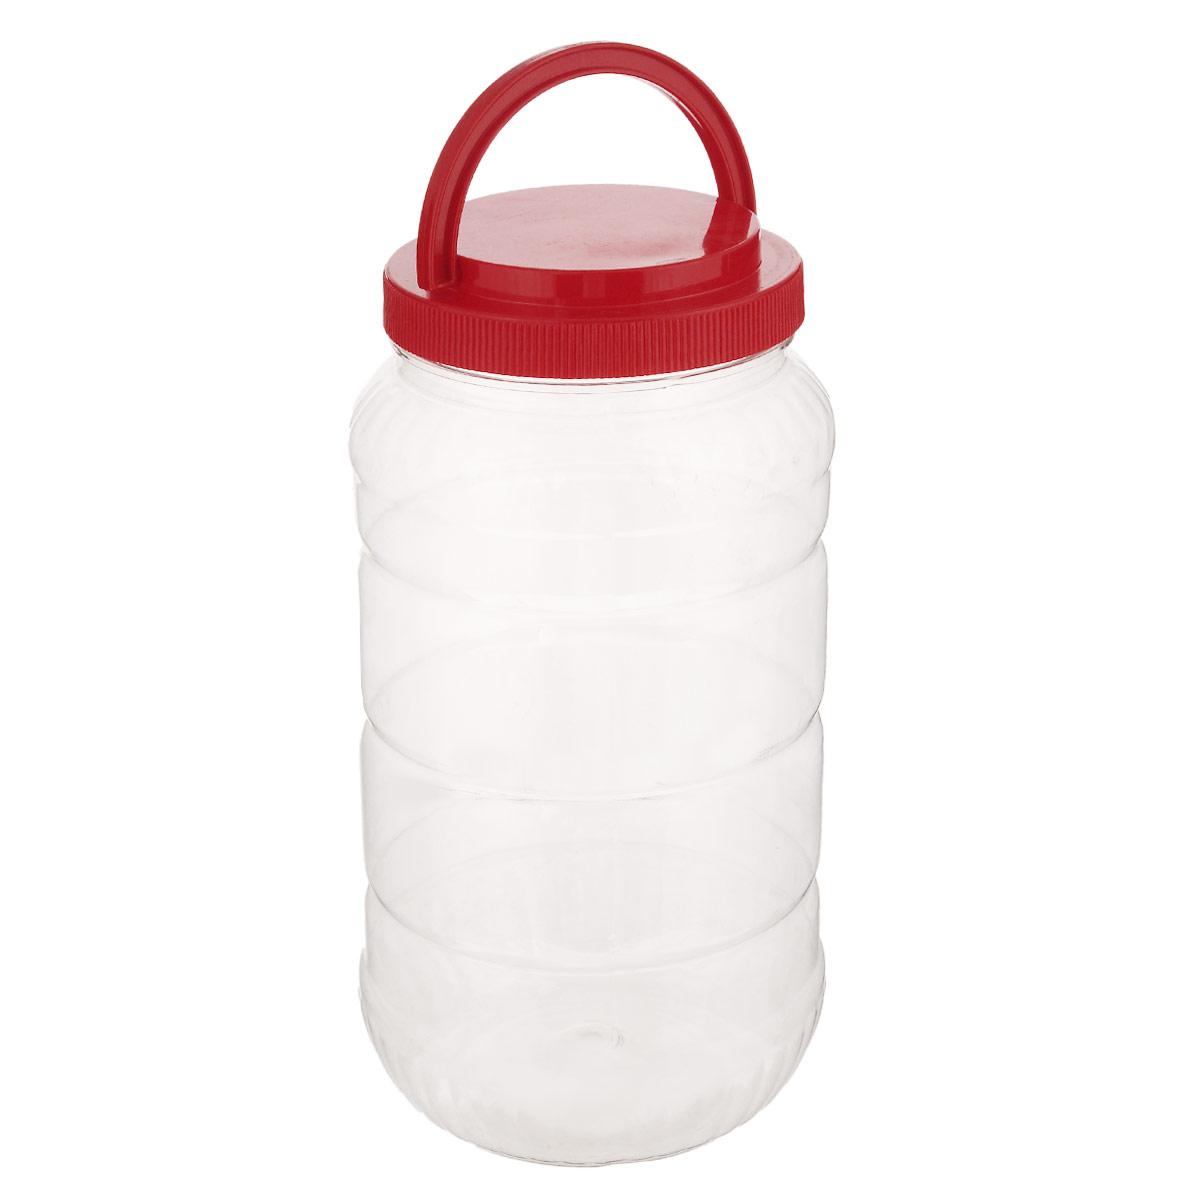 Емкость Альтернатива, с ручкой, цвет: красный, 3 лM957_красныйЕмкость Альтернатива предназначена для хранения сыпучих продуктов или жидкостей. Выполнена из высококачественного пластика. Оснащена ручкой для удобной переноски. Ручка опускается.Диаметр: 10,5 см. Высота (без учета крышки): 25 см.